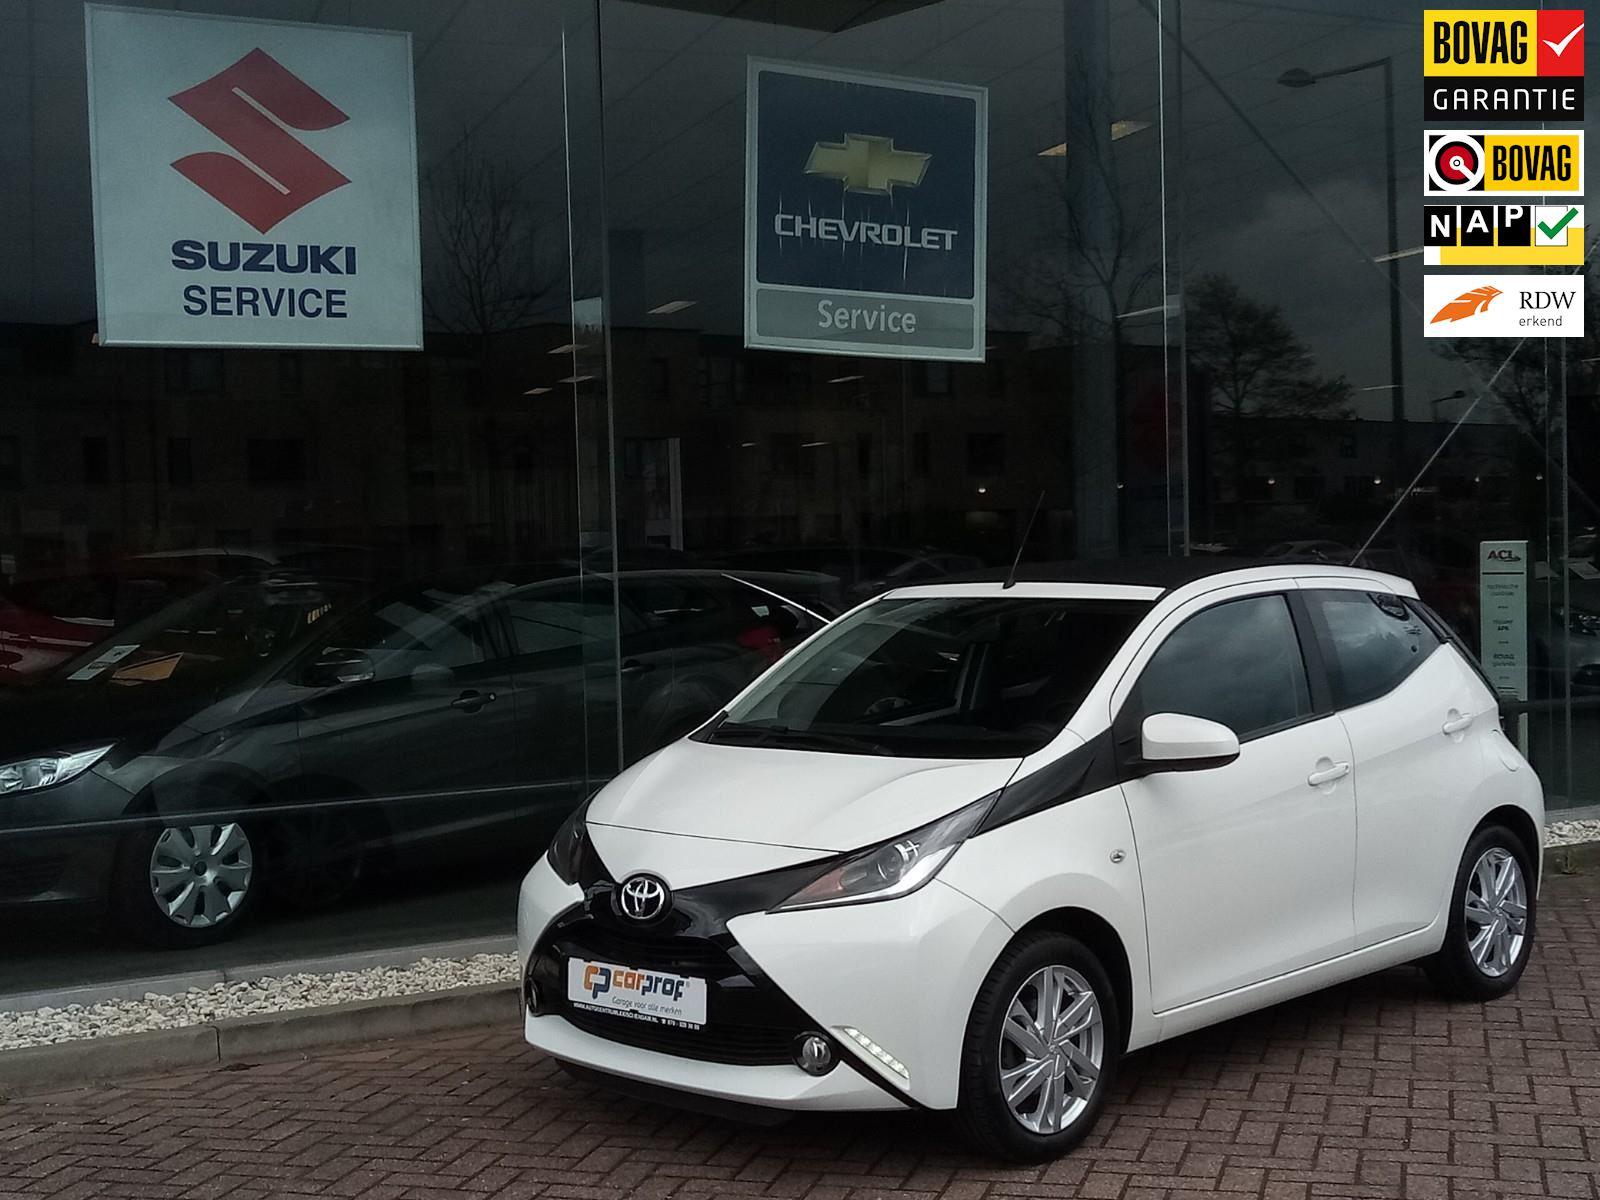 Toyota Aygo occasion - Auto Centrum Leidschendam